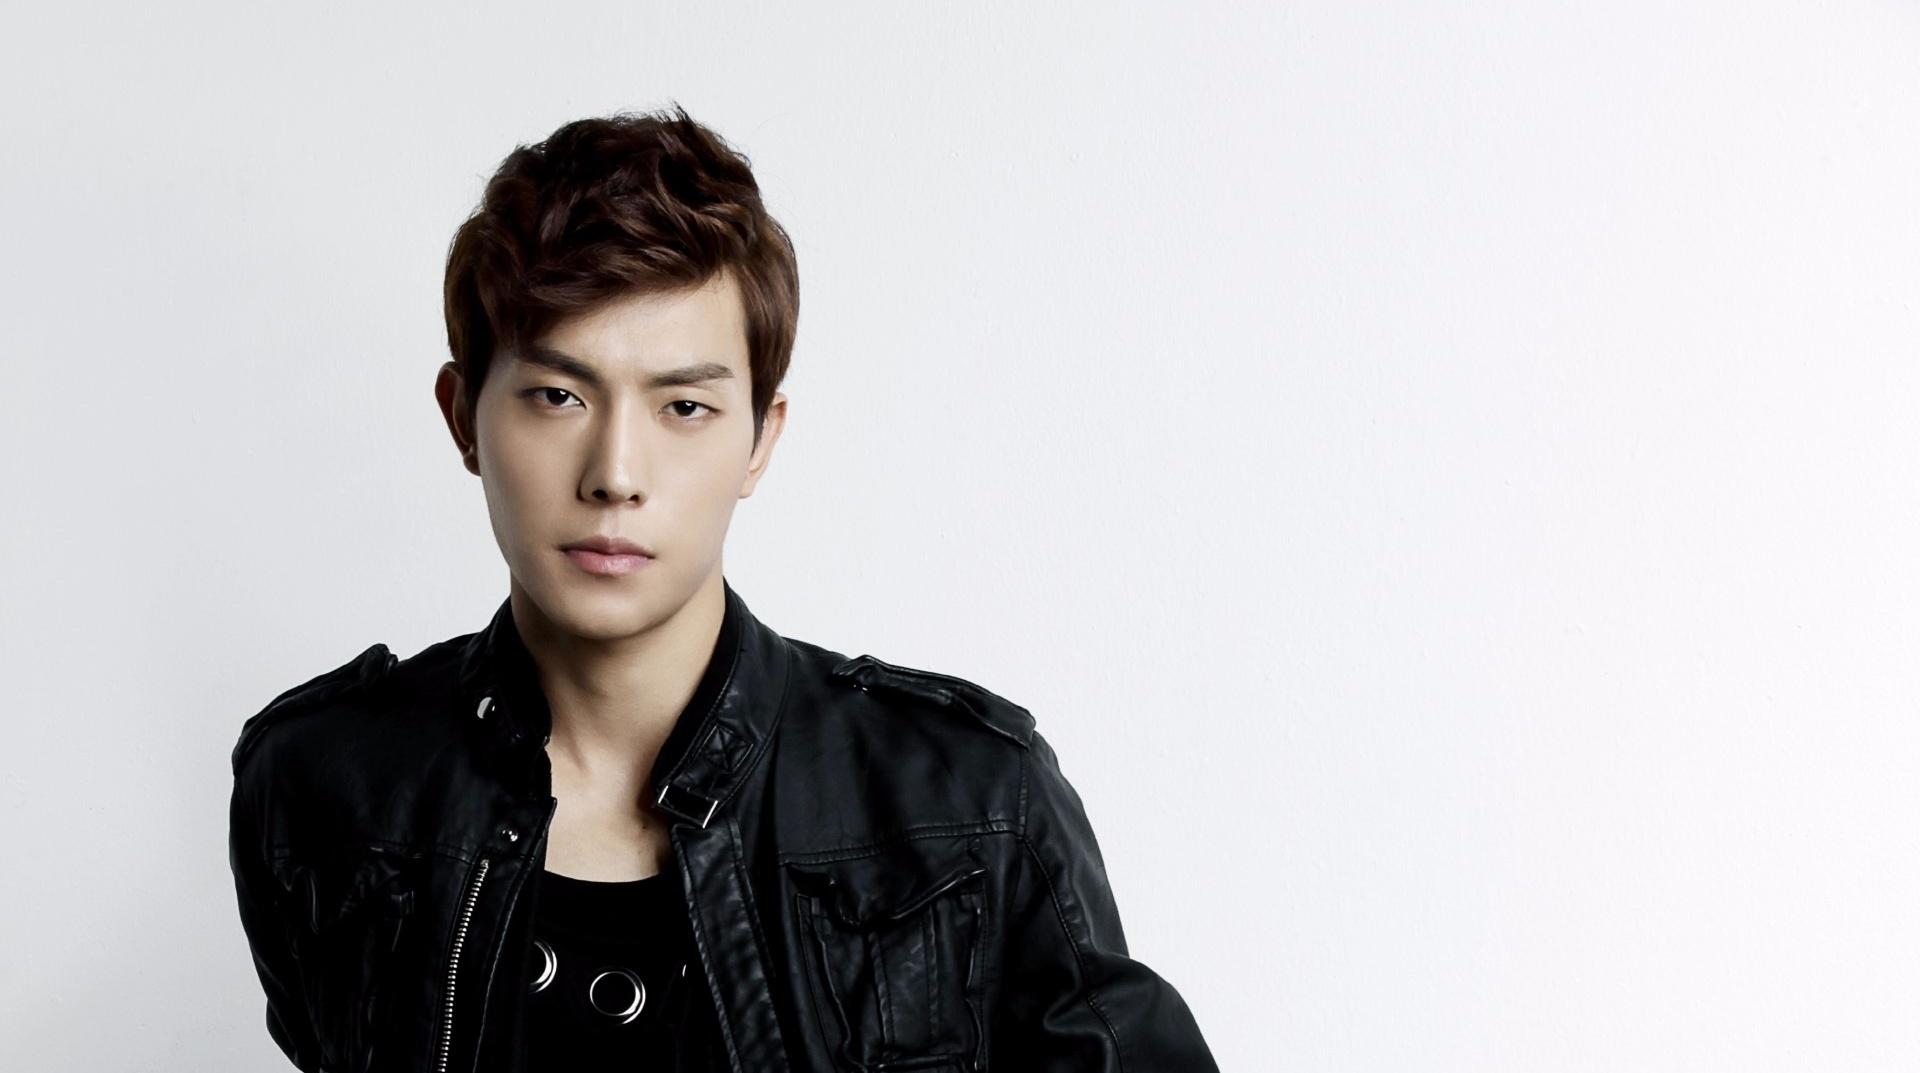 Lee Kang Min